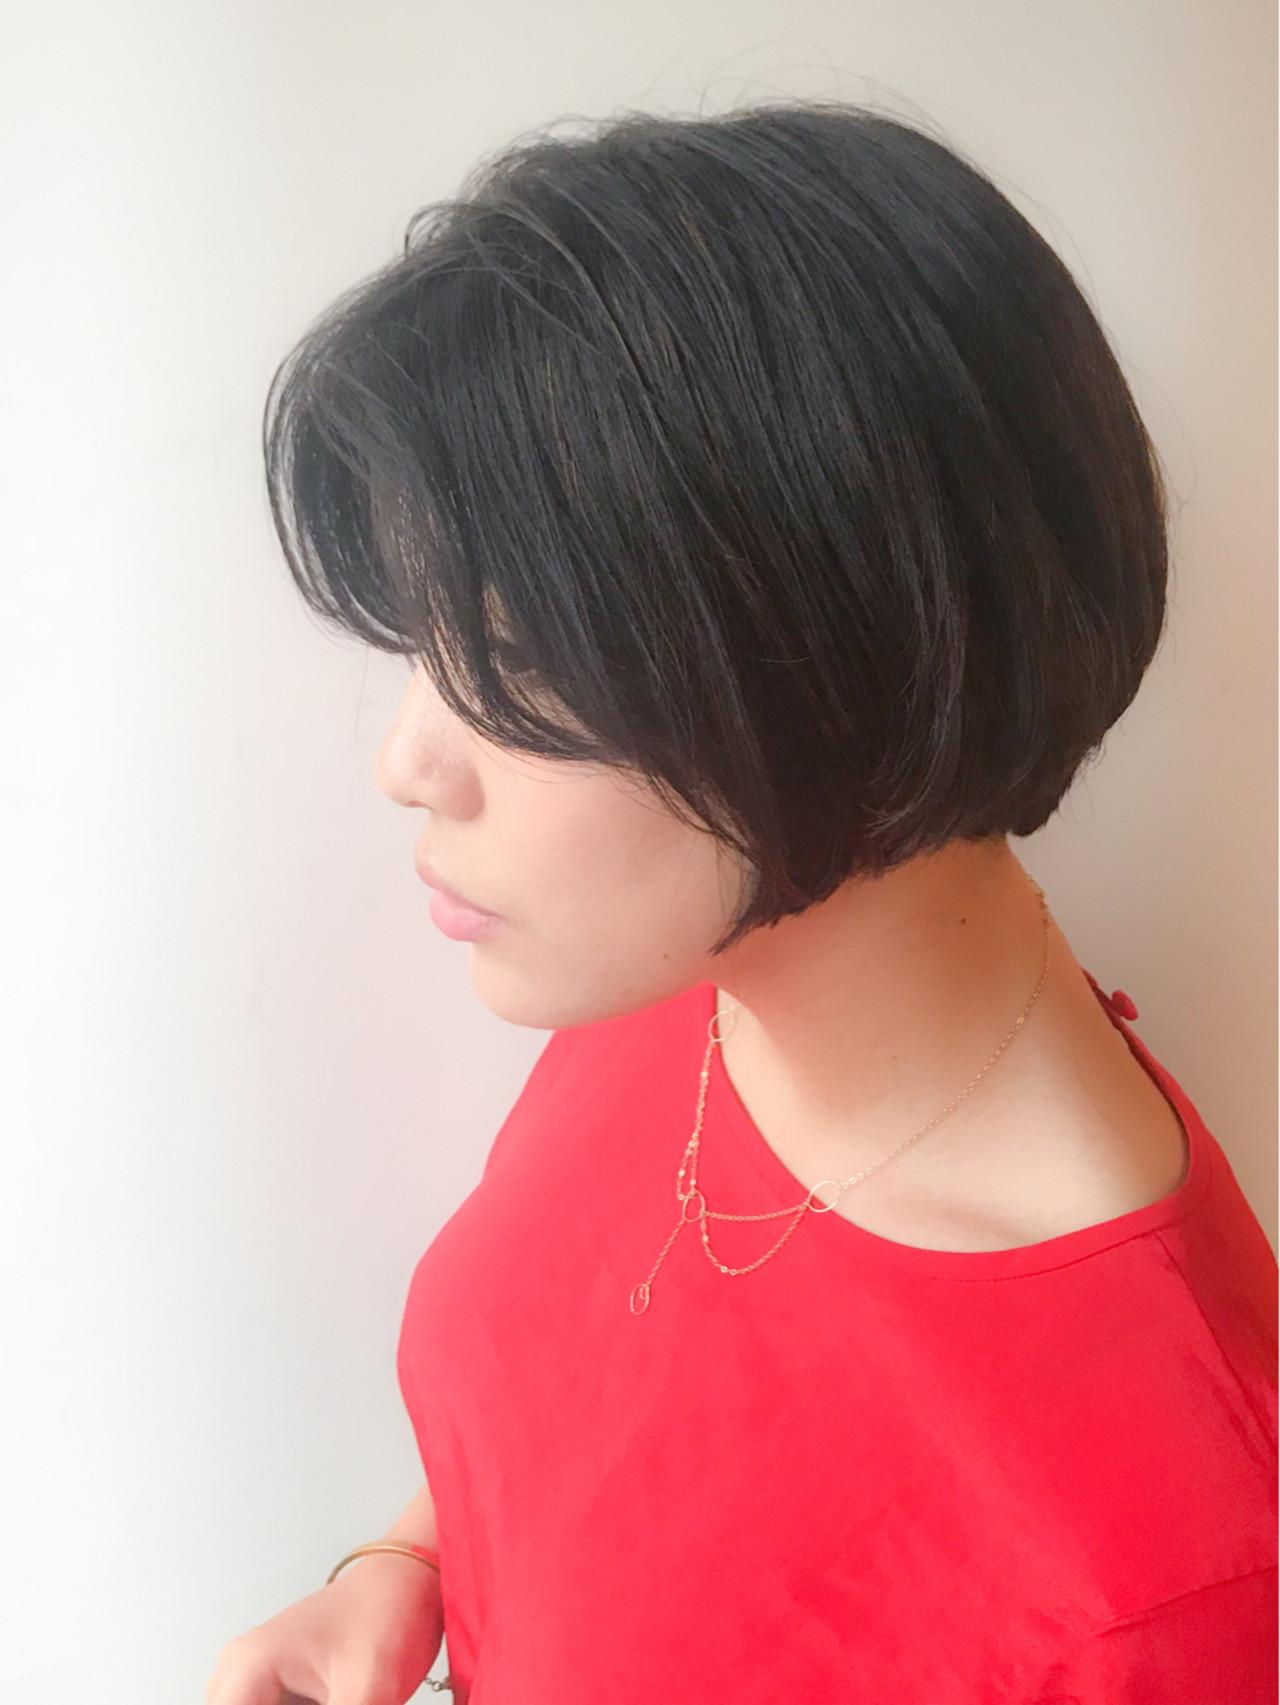 オフィス モテ髪 ショートボブ コンサバ ヘアスタイルや髪型の写真・画像 | HIROKI / roijir / roijir